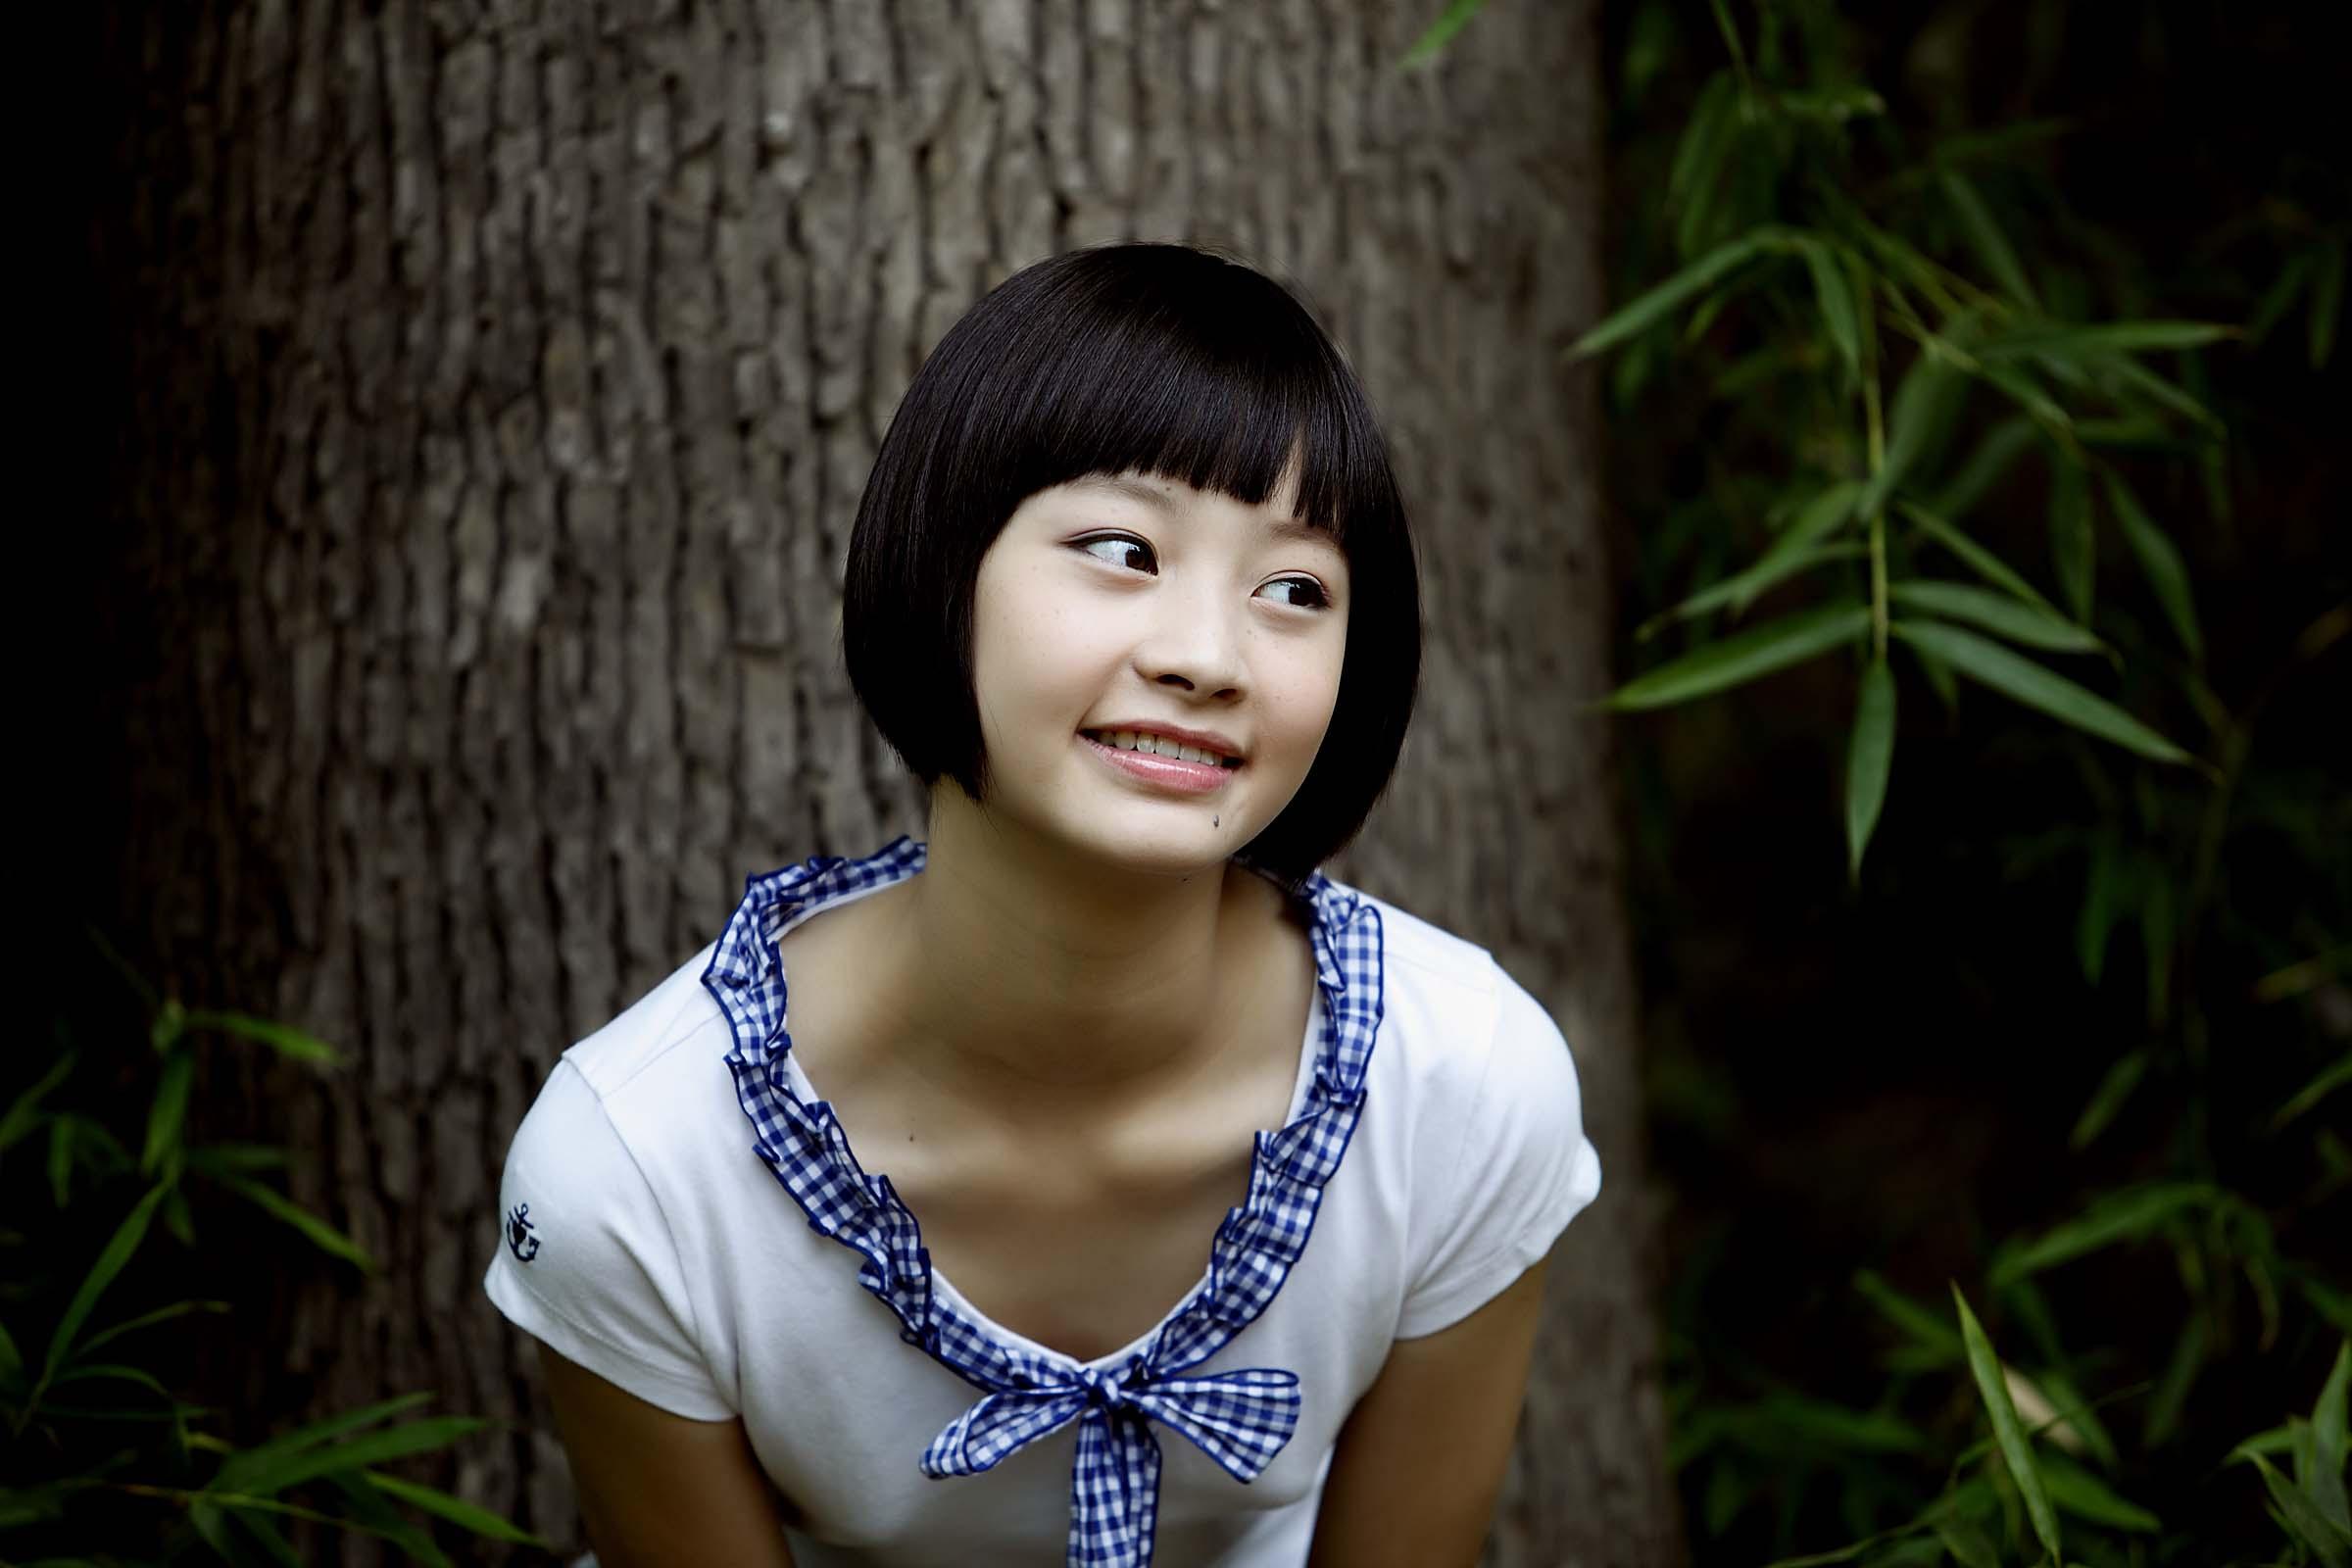 原創】漂亮的中學女生-攝友光影-聊吧中國網-3初中生多久射圖片